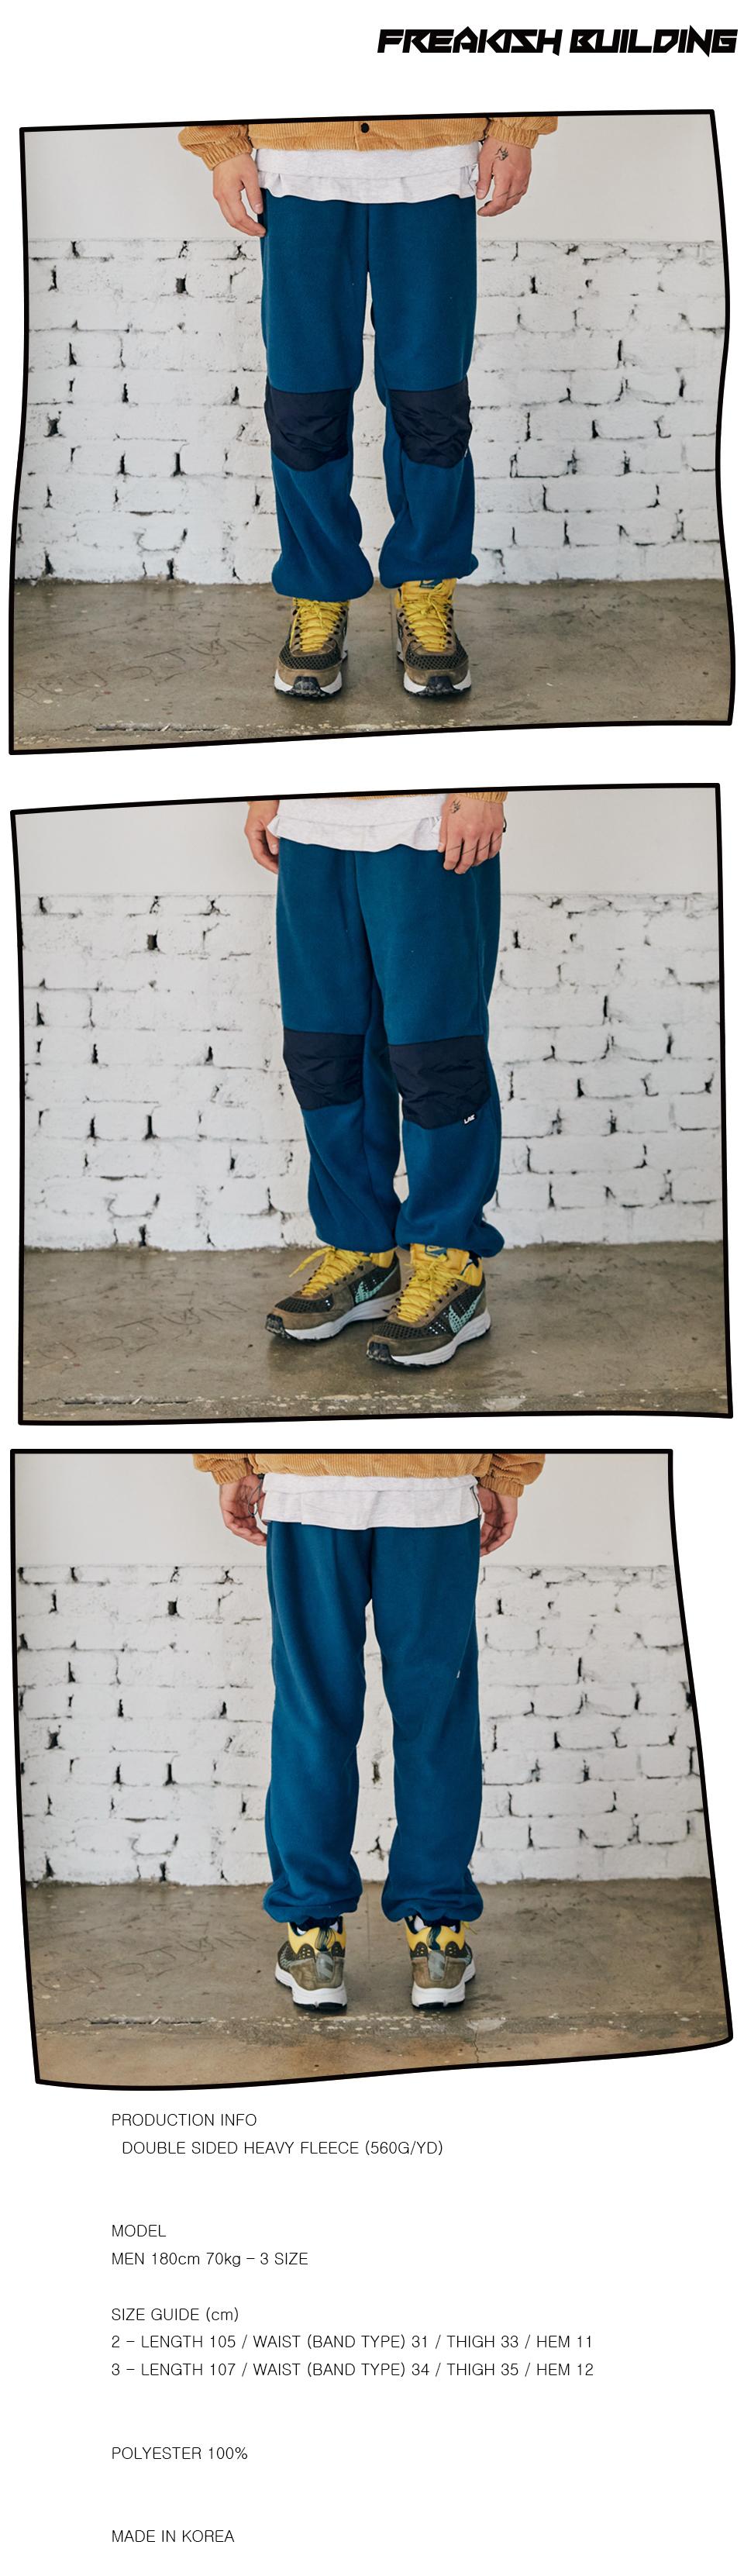 #24 TODDLE FLEECE LONG PANTS (NAVY) 02.jpg